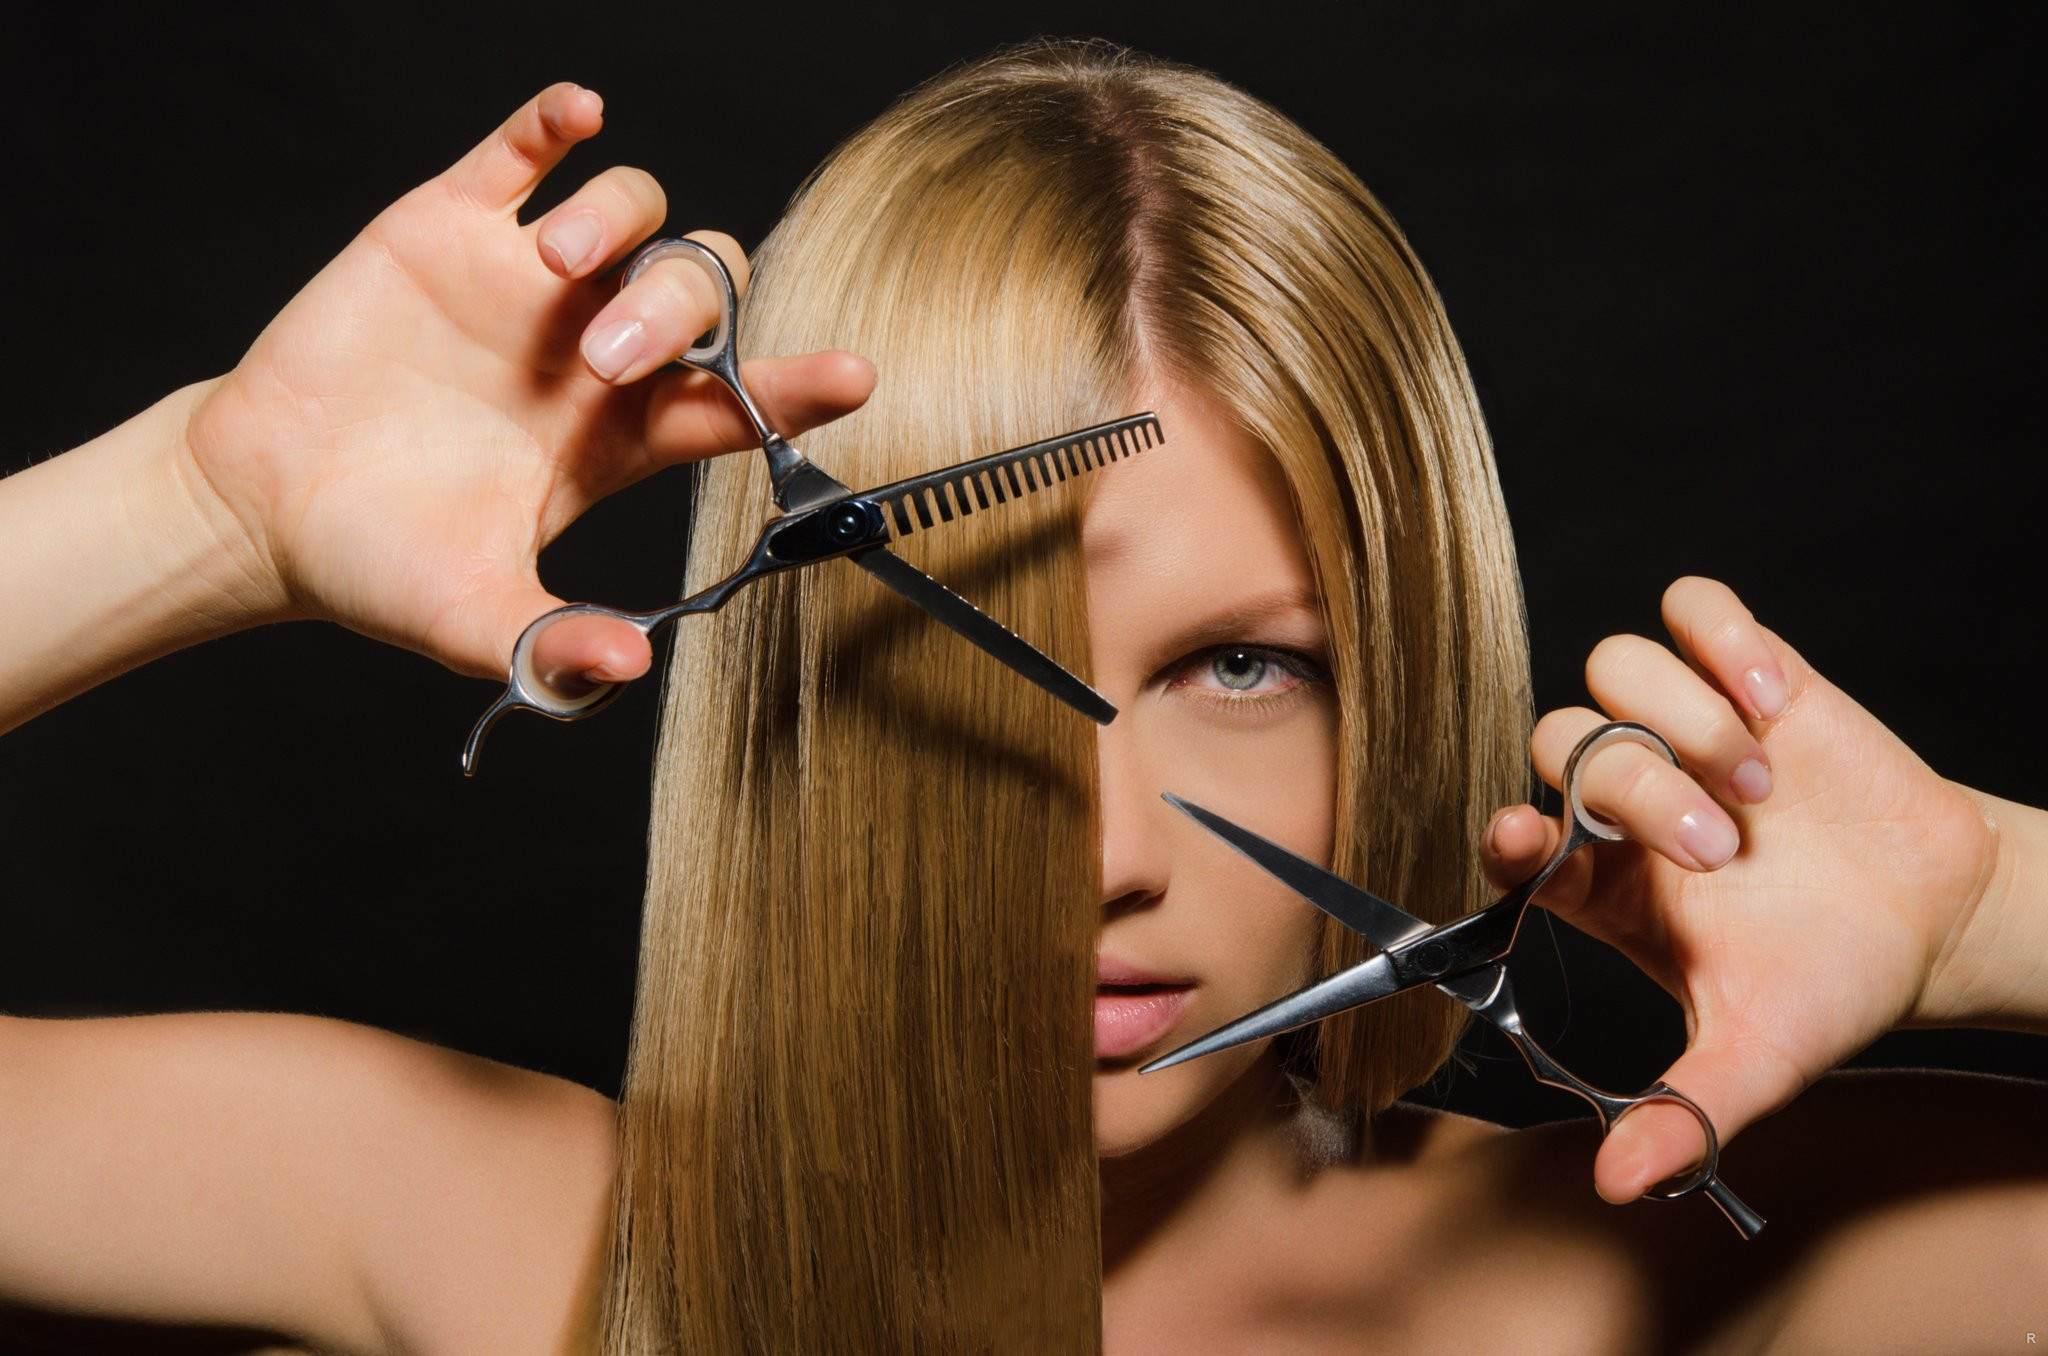 Лунный календарь стрижек на июнь 2018 года - благоприятные дни для волос